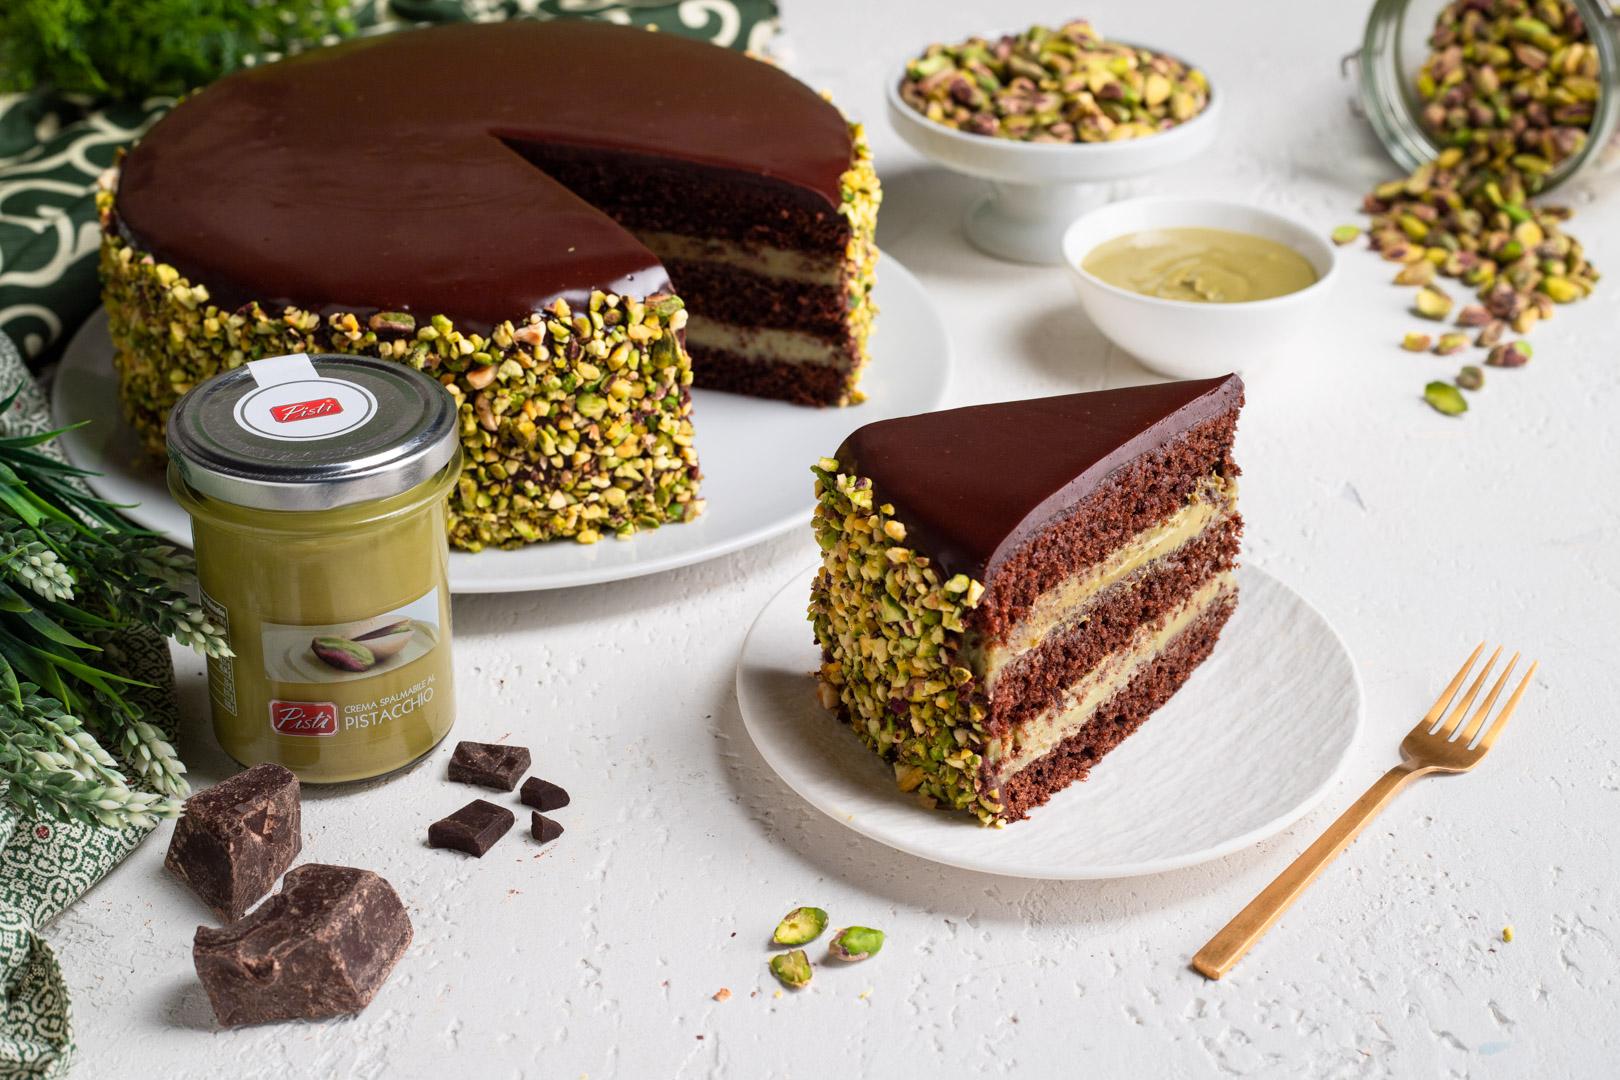 Torta cioccolato e pistacchio Pistì 7